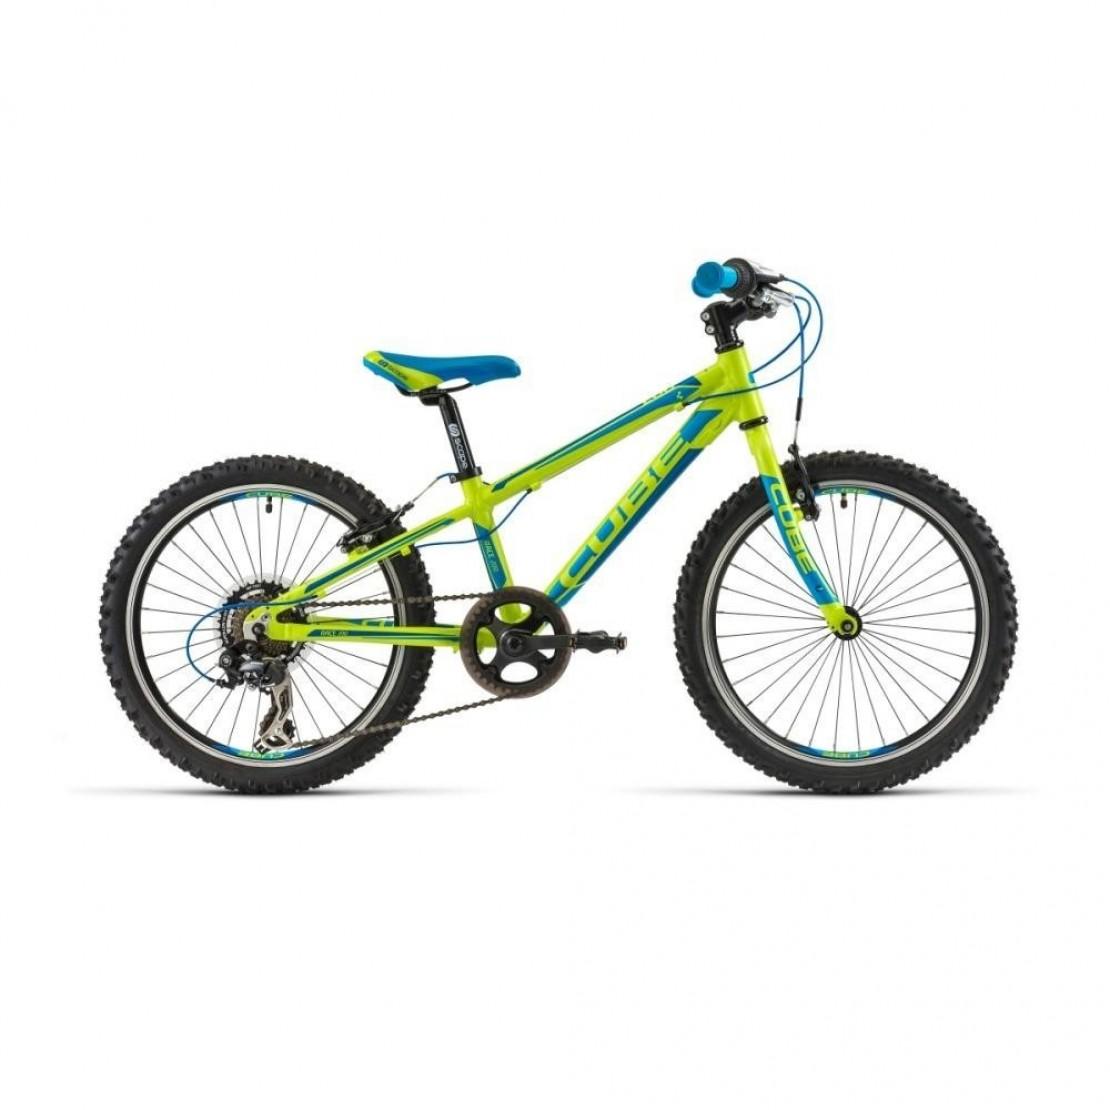 Cube Kid 240 Kid 240 Blue Lime 2014 Cube